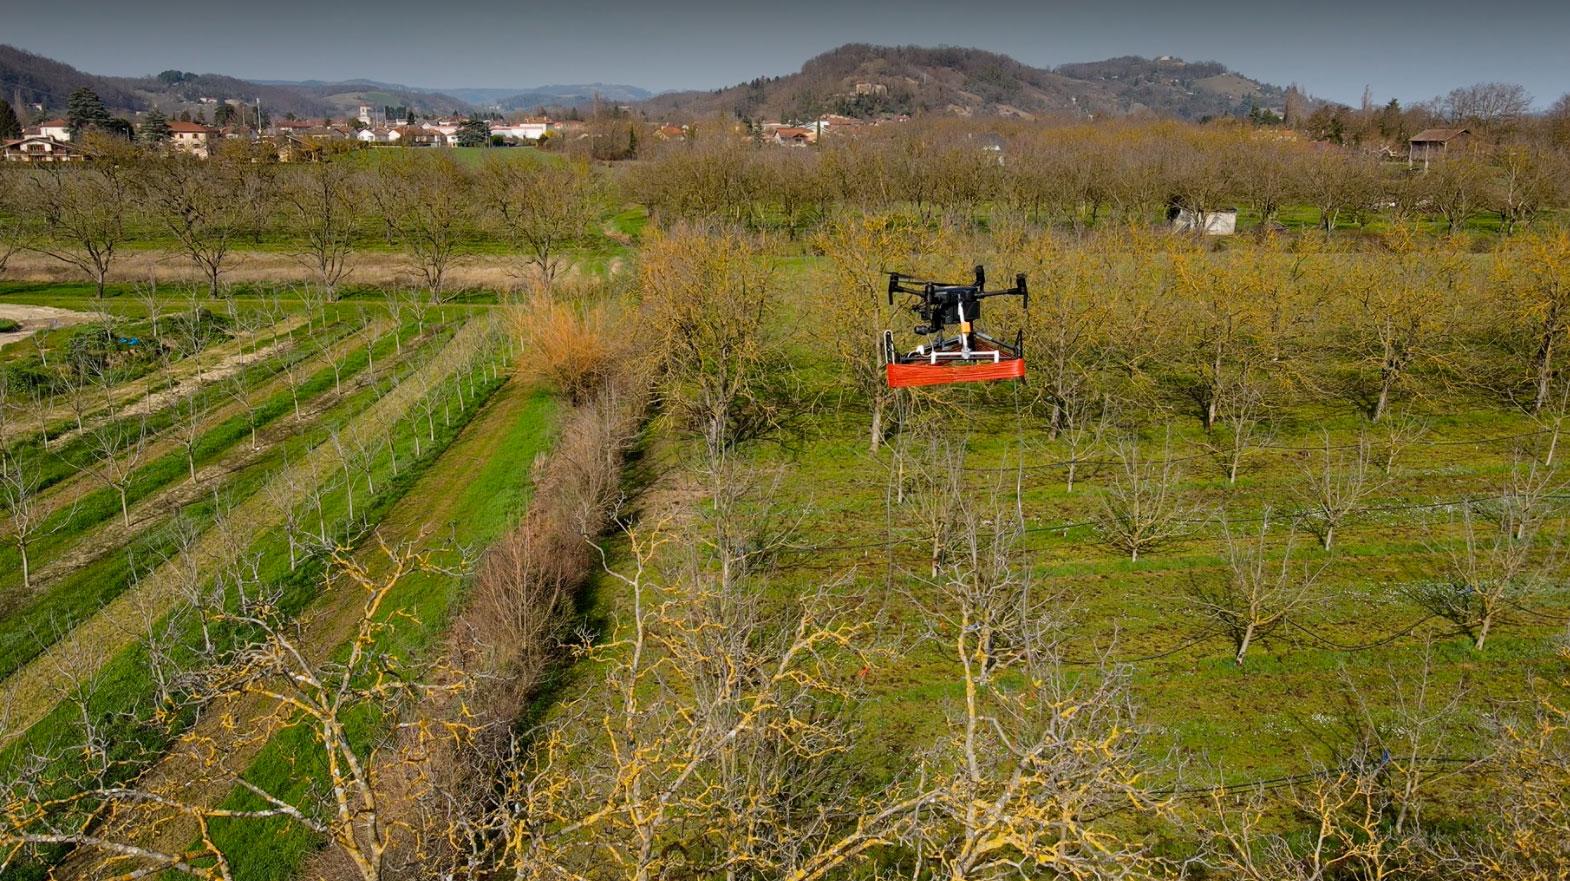 Pherodrone in action